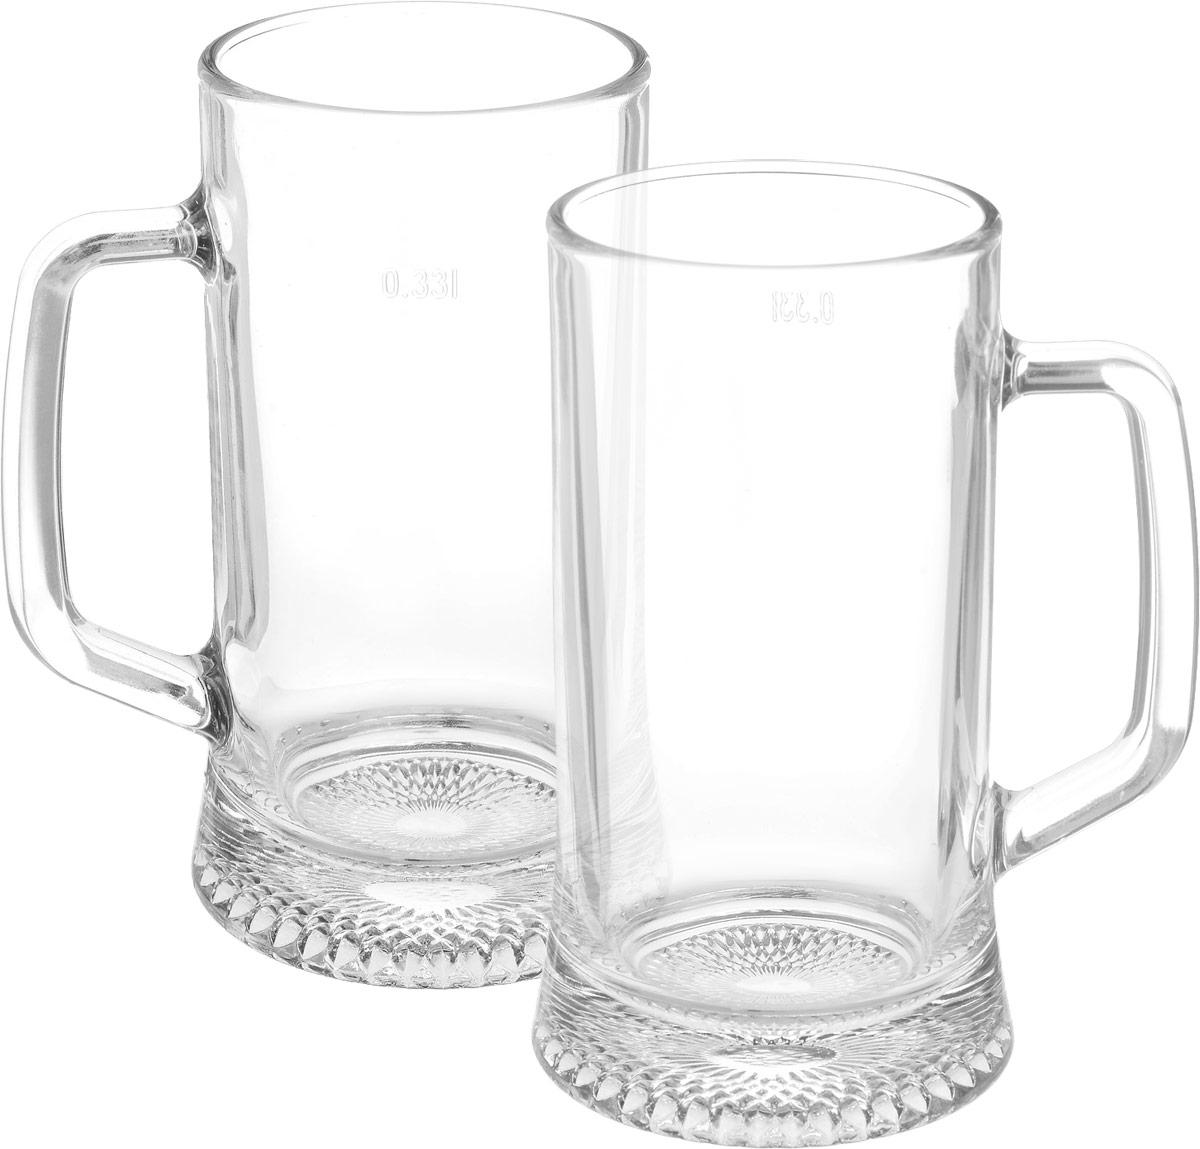 Набор кружек для пива Luminarc Дрезден, 330 мл. H5112 набор кружек для пива дрезден декорированных 500мл 2шт 895493